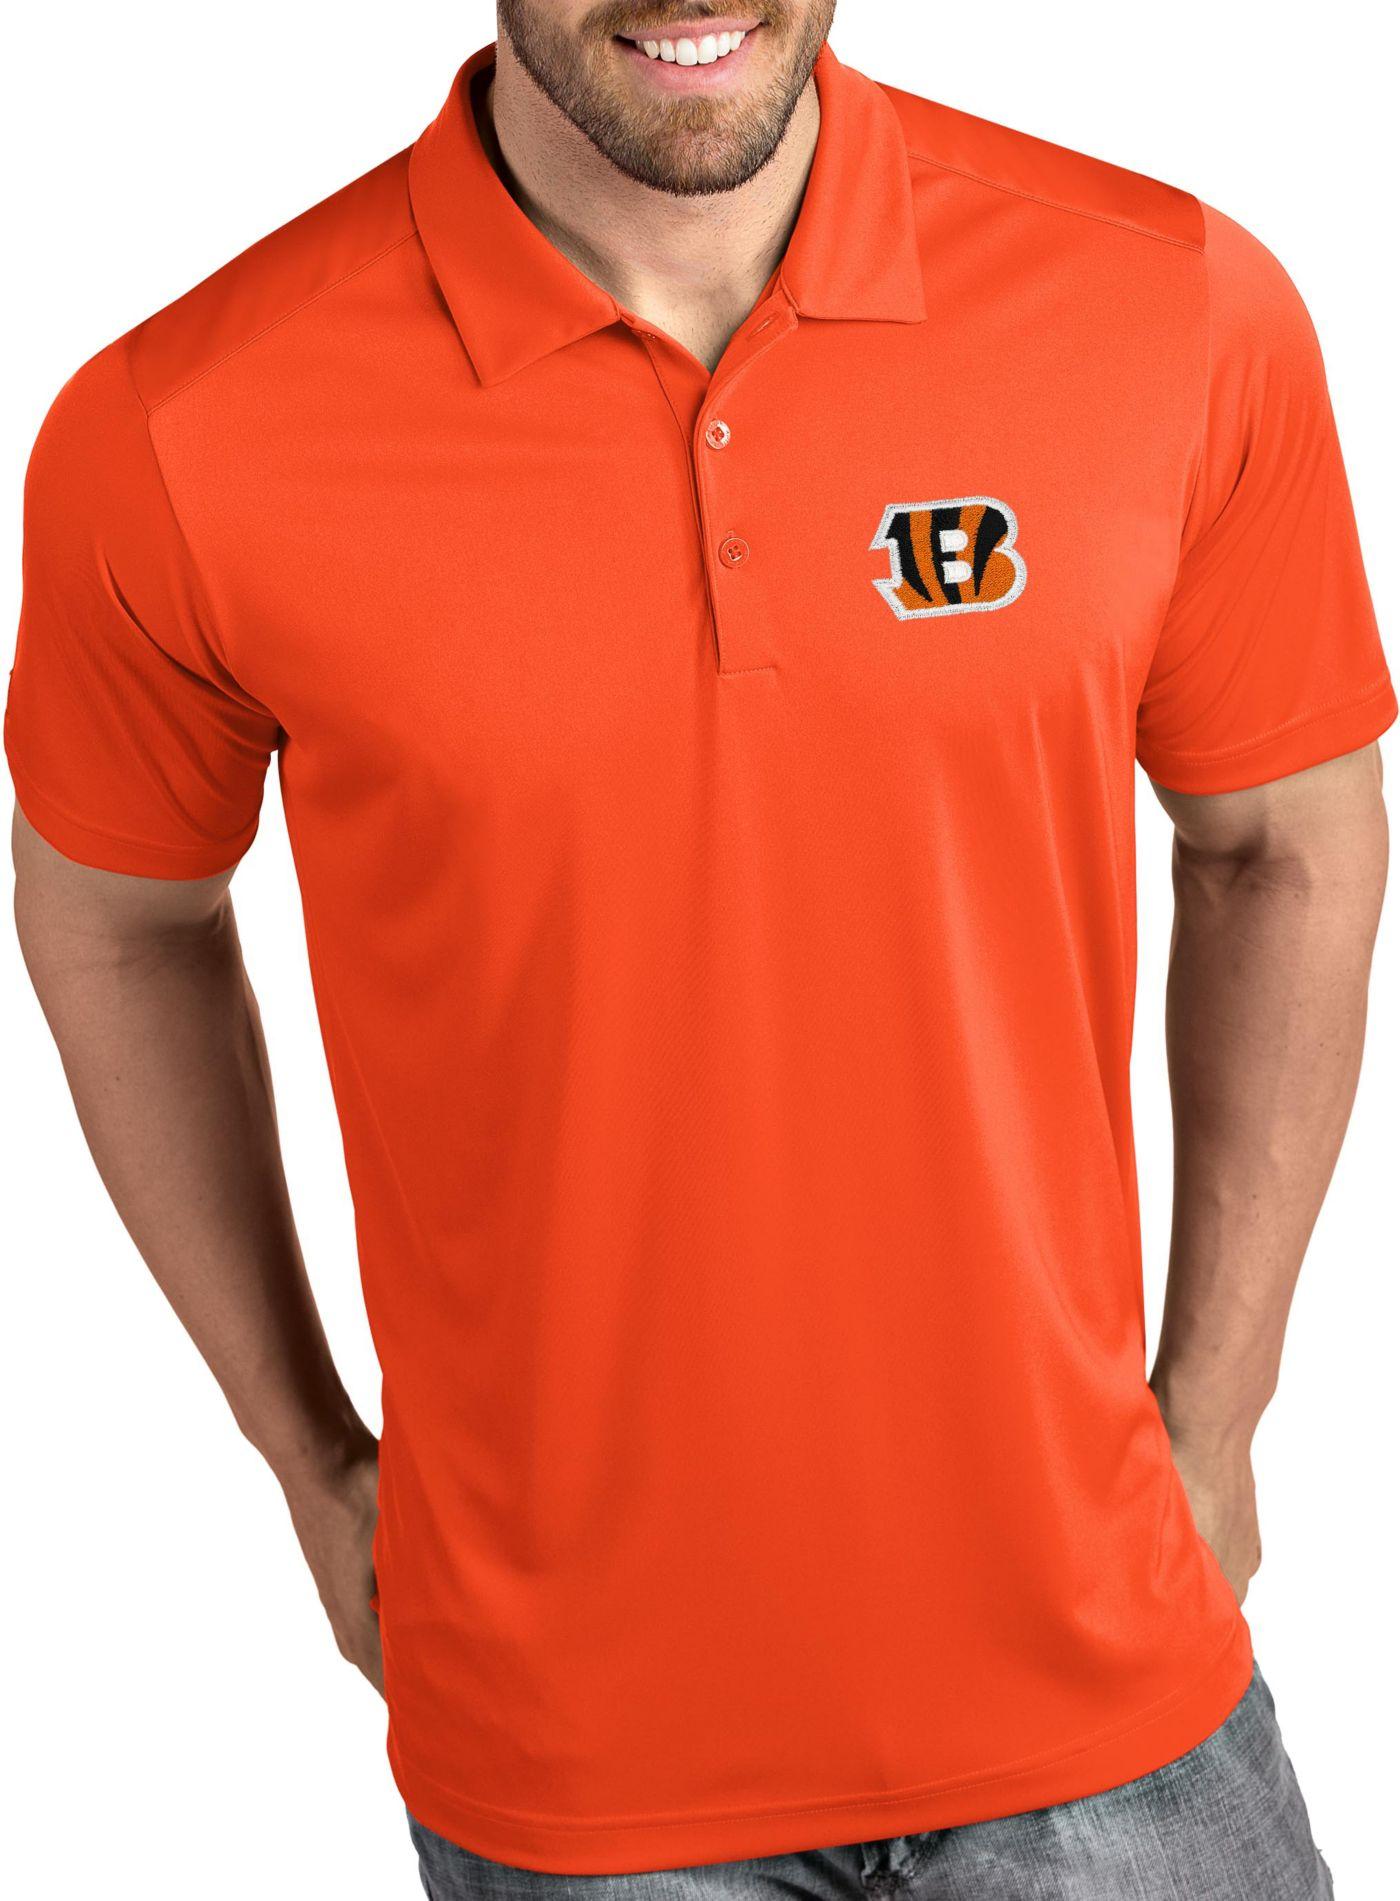 Antigua Men's Cincinnati Bengals Tribute Orange Polo